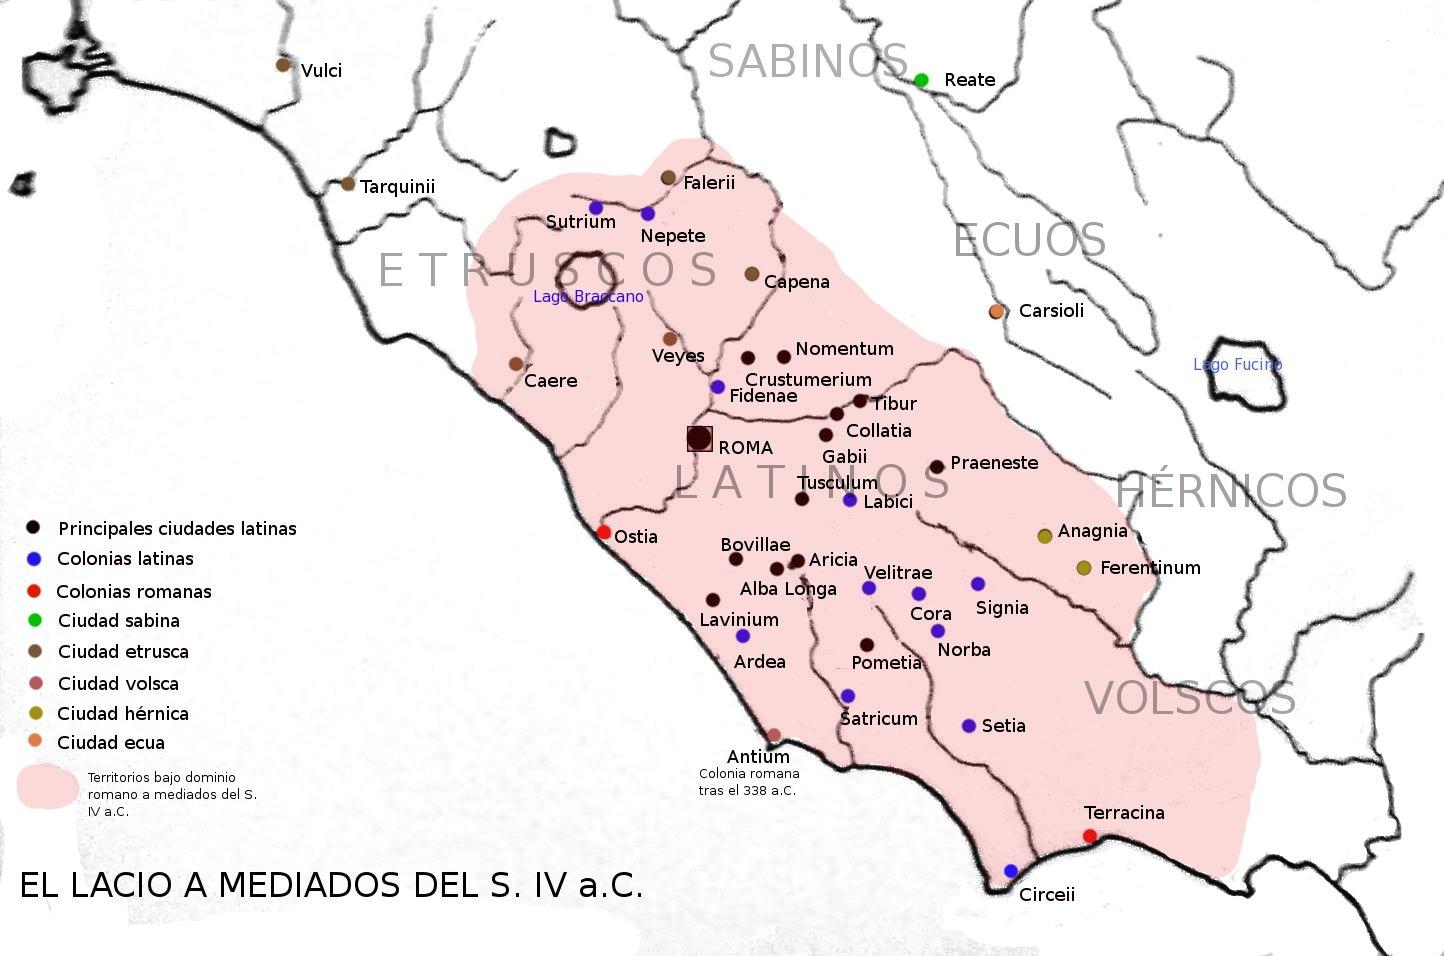 Mapa de Italia central